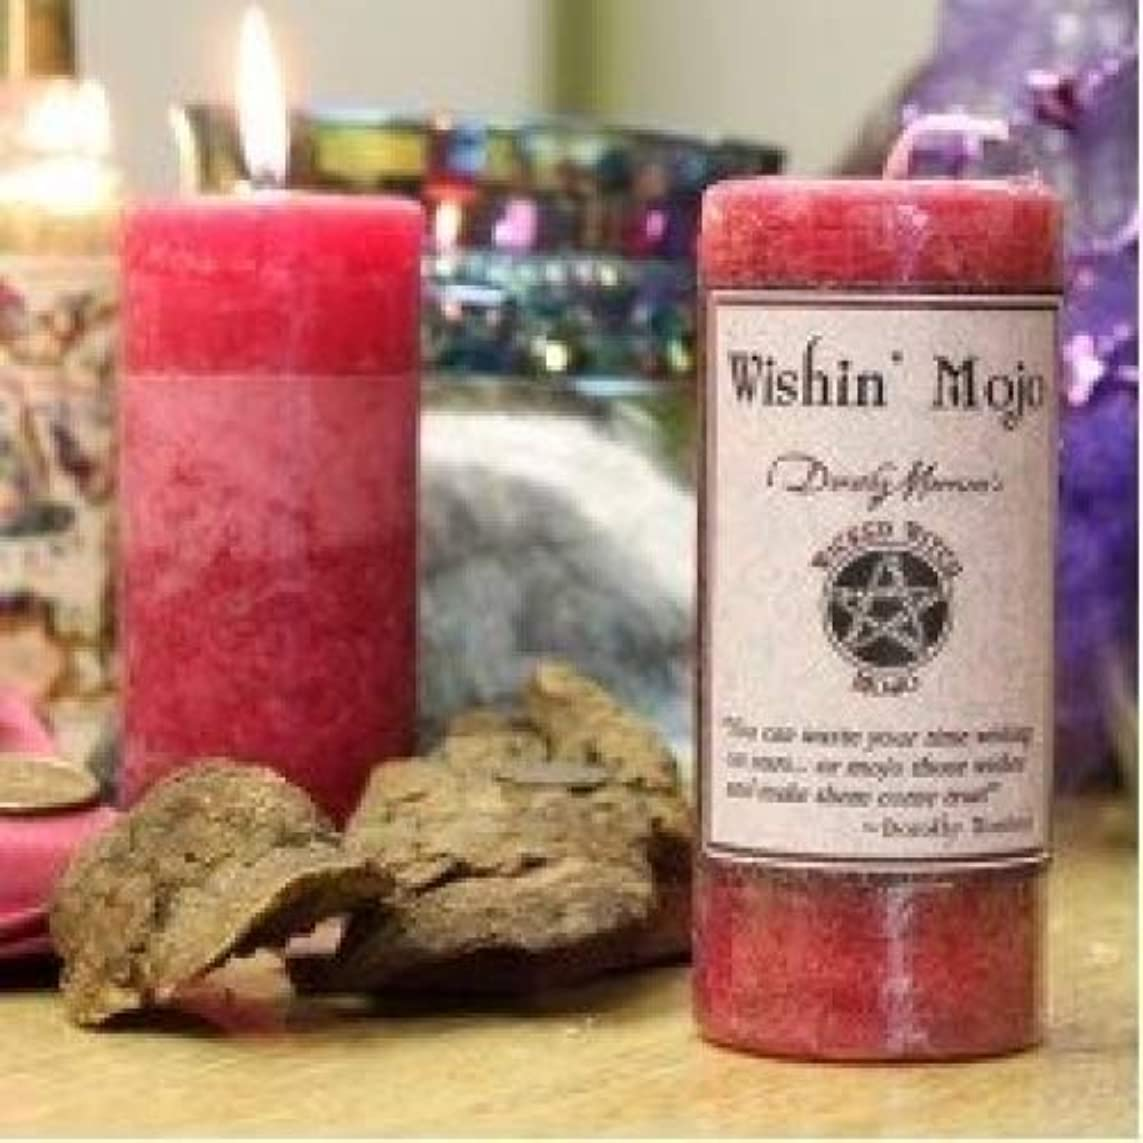 行サイレン悲惨Wicked Witch Mojo Wishin Mojo Candle by Dorothy Morrison